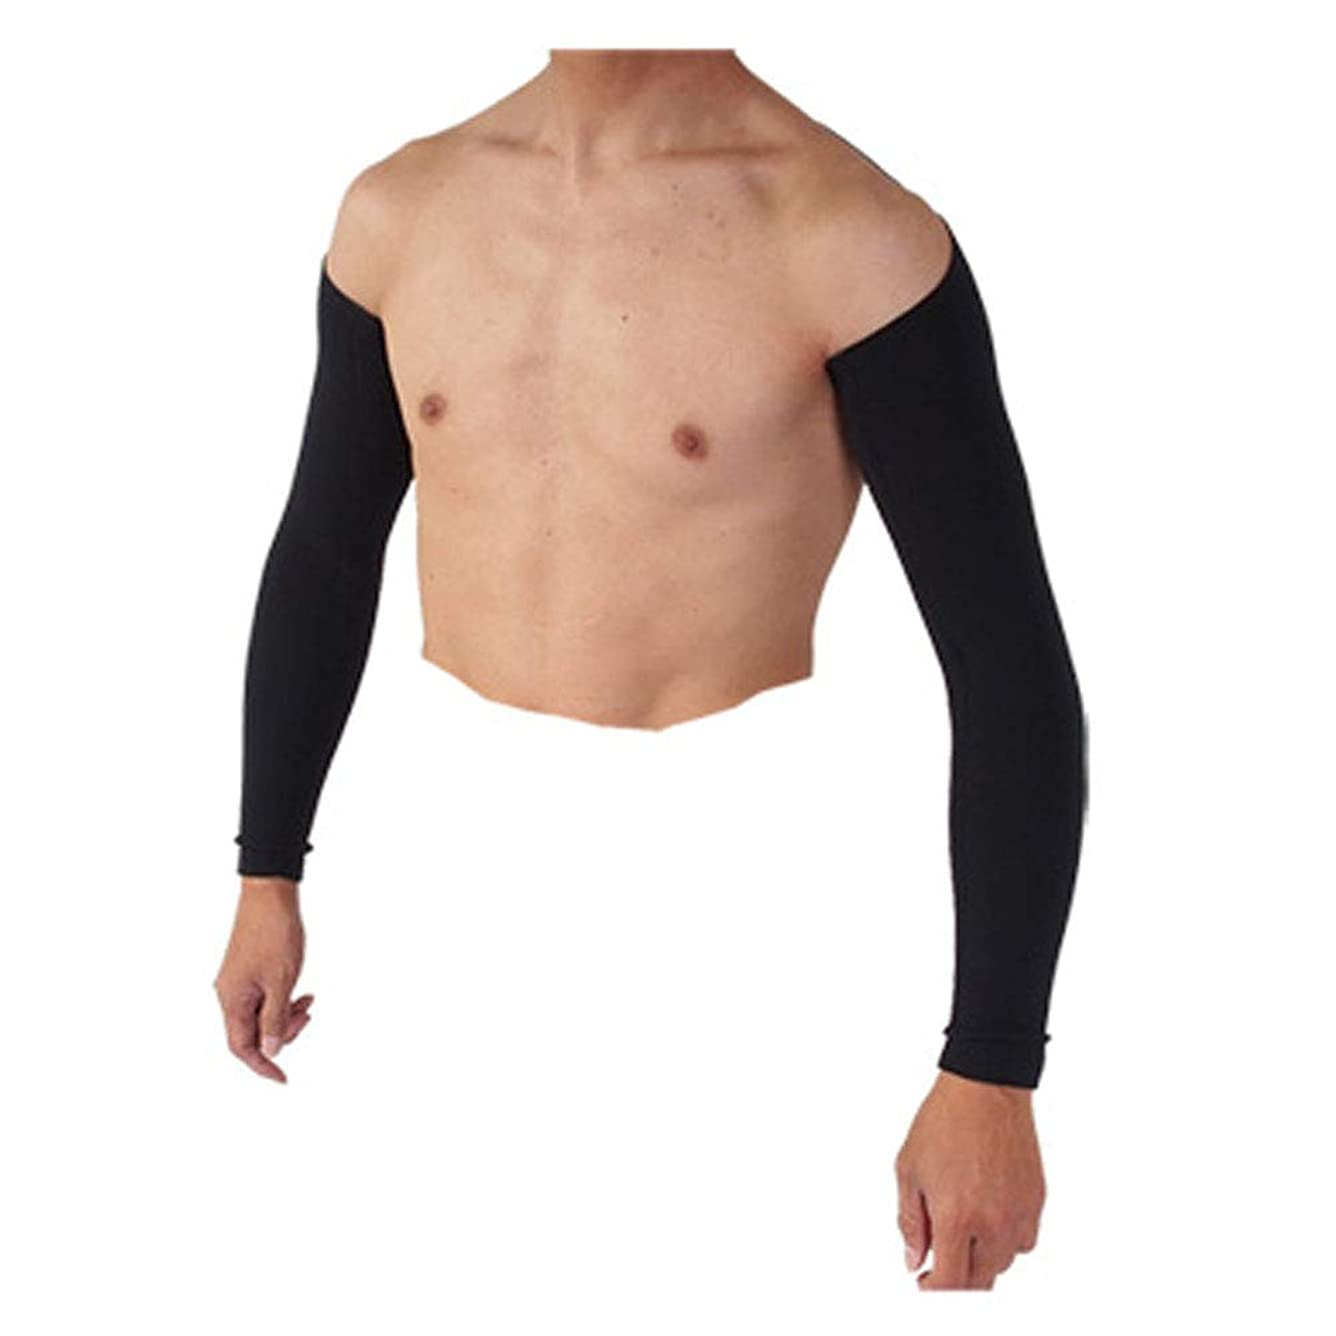 するだろう幻想的同様にO'NEILL(オニール) アームウォーマー 半袖ウエットに装着で長袖タイプに変身!